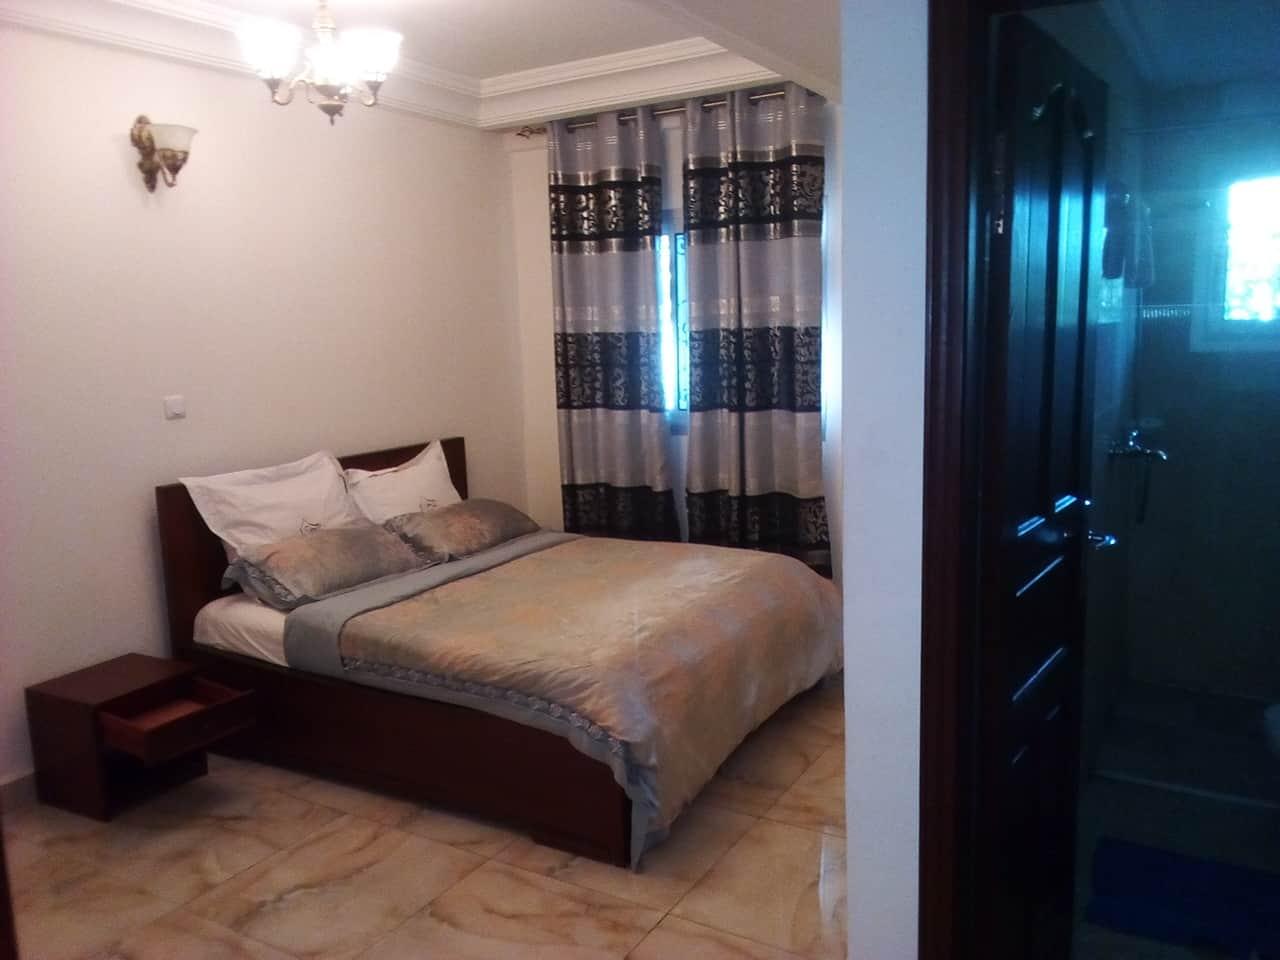 Appartement à louer - Yaoundé, Bastos, vers banque mondiale - 1 salon(s), 2 chambre(s), 3 salle(s) de bains - 1 500 000 FCFA / mois